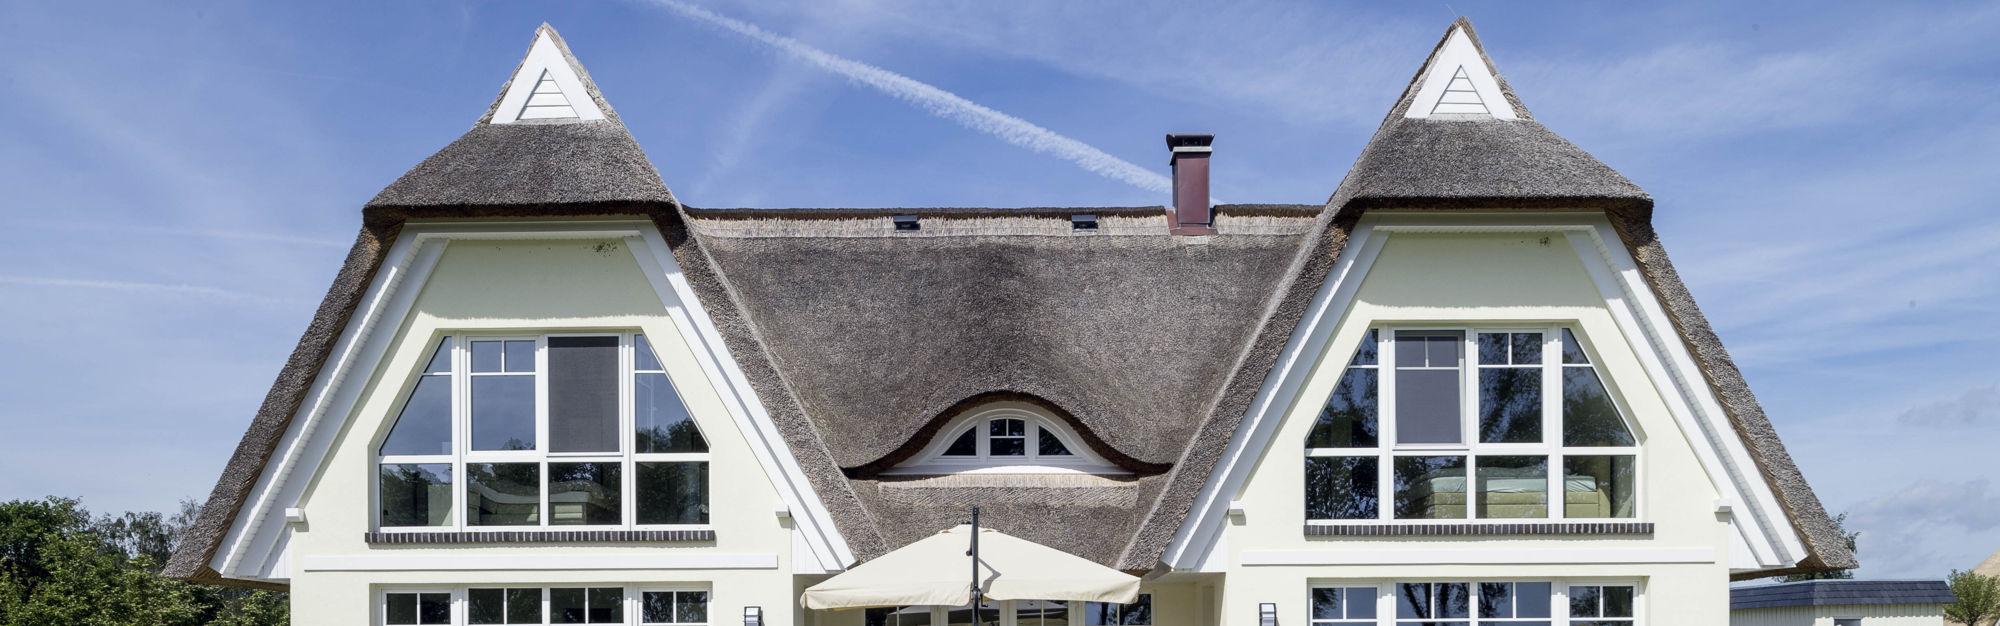 Hausbau Darss -Villen und Landhäuser - ARGE-HAUS Hausbau Fischland Darss